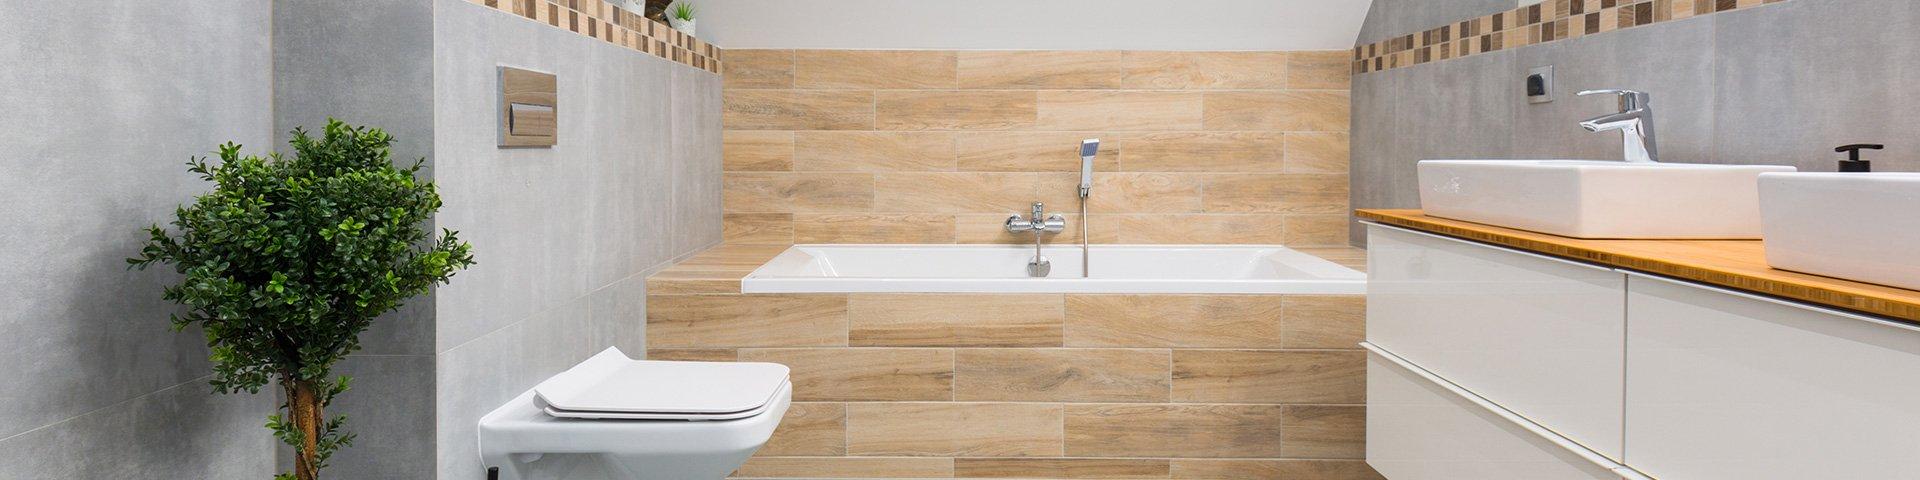 łazienka wyłożona płytkami: szarymi oraz imitującymi drewno